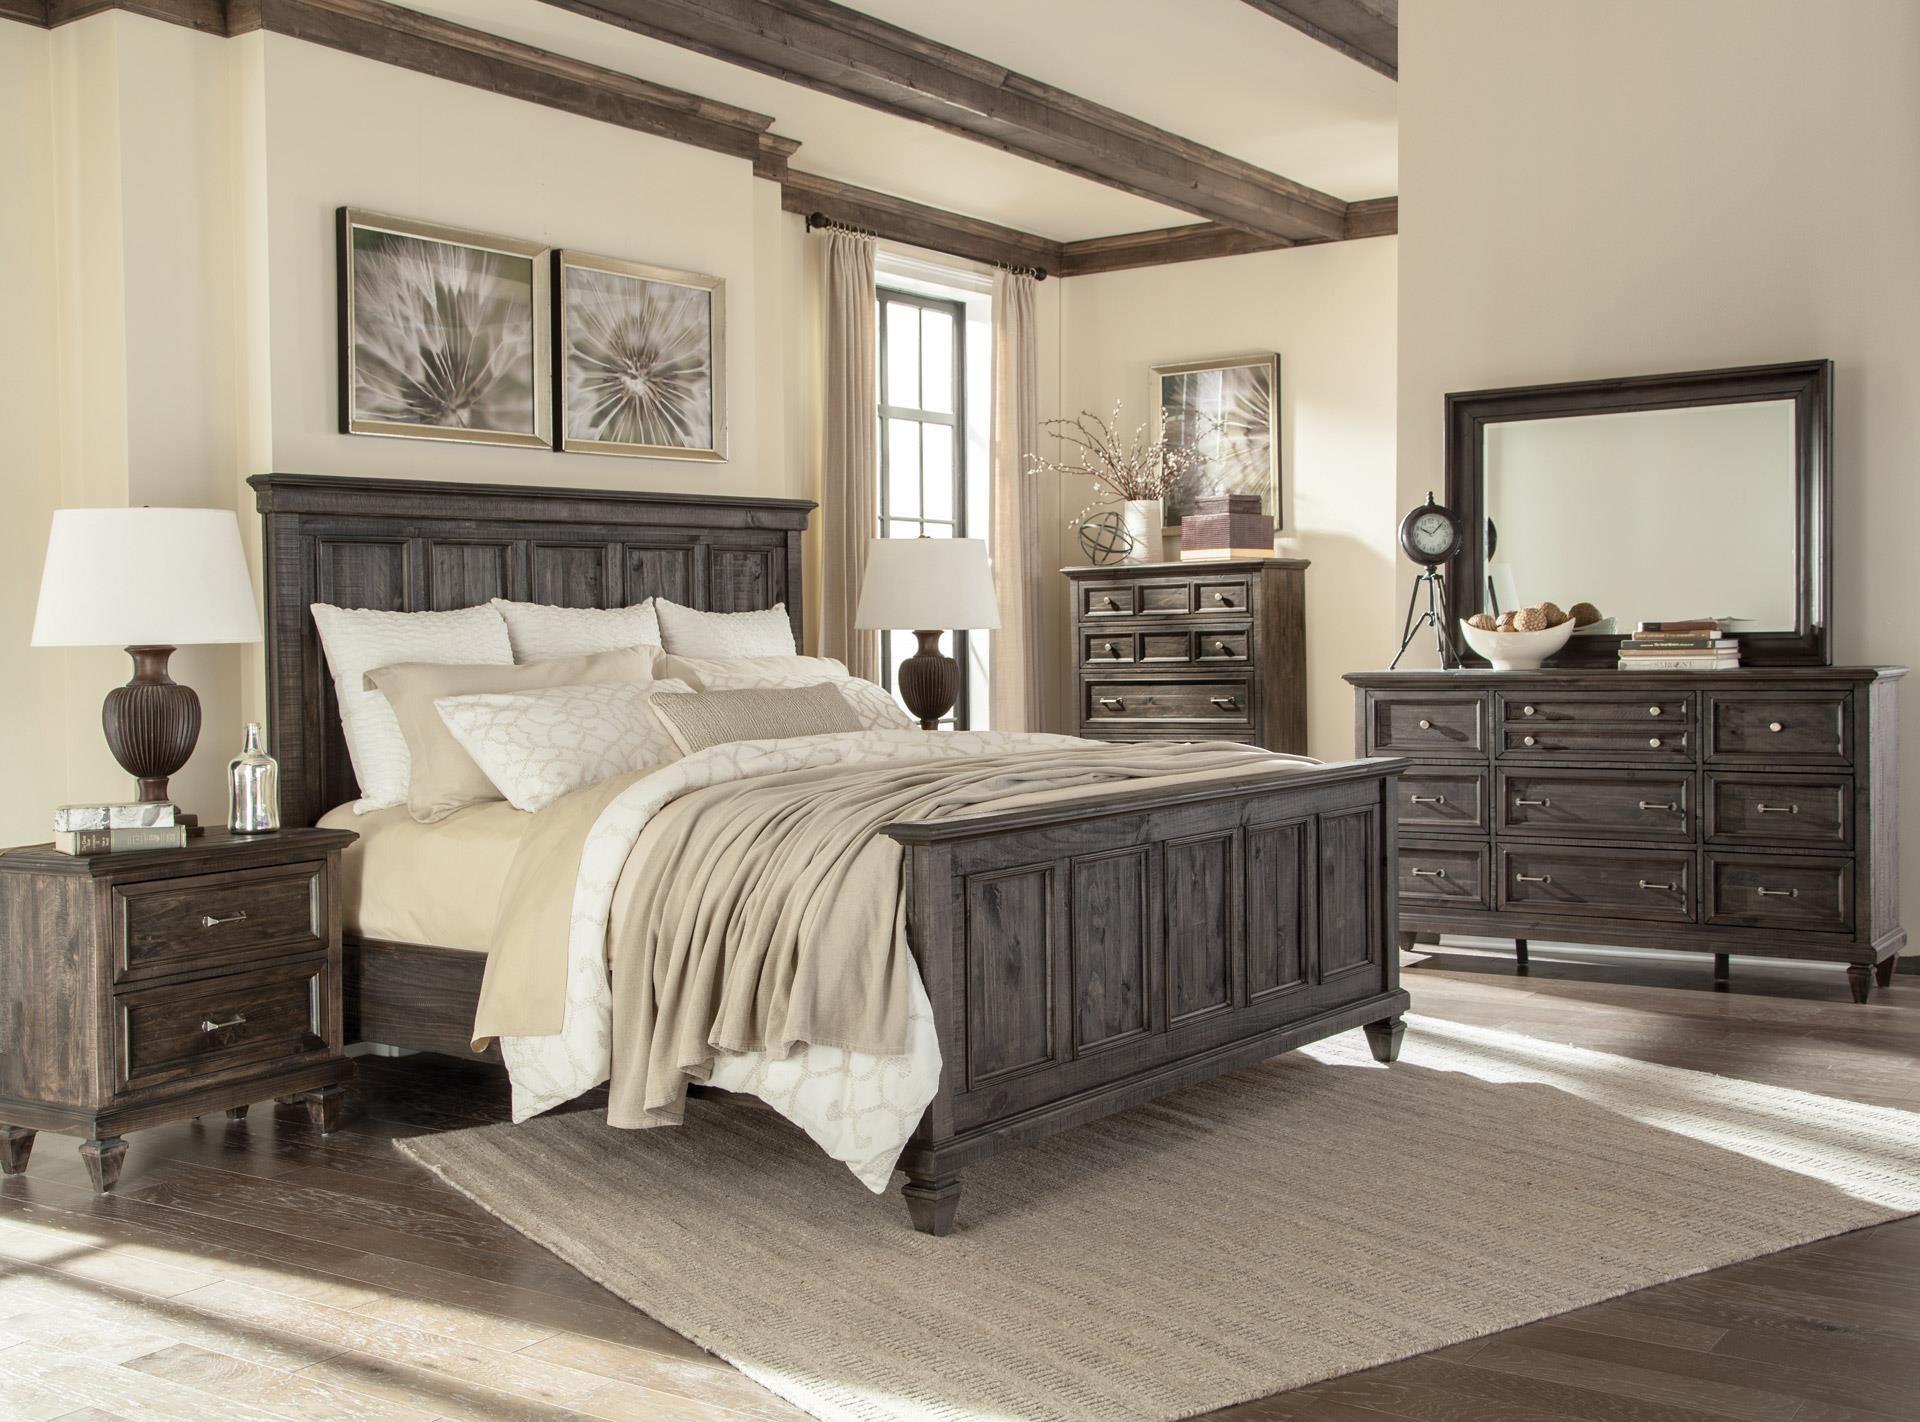 Magnussen Home Calistoga Queen Panel Bed, Dresser, Mirror & Nightstan - Item Number: MAGN-GRP-B2590-QNPANELSUITE